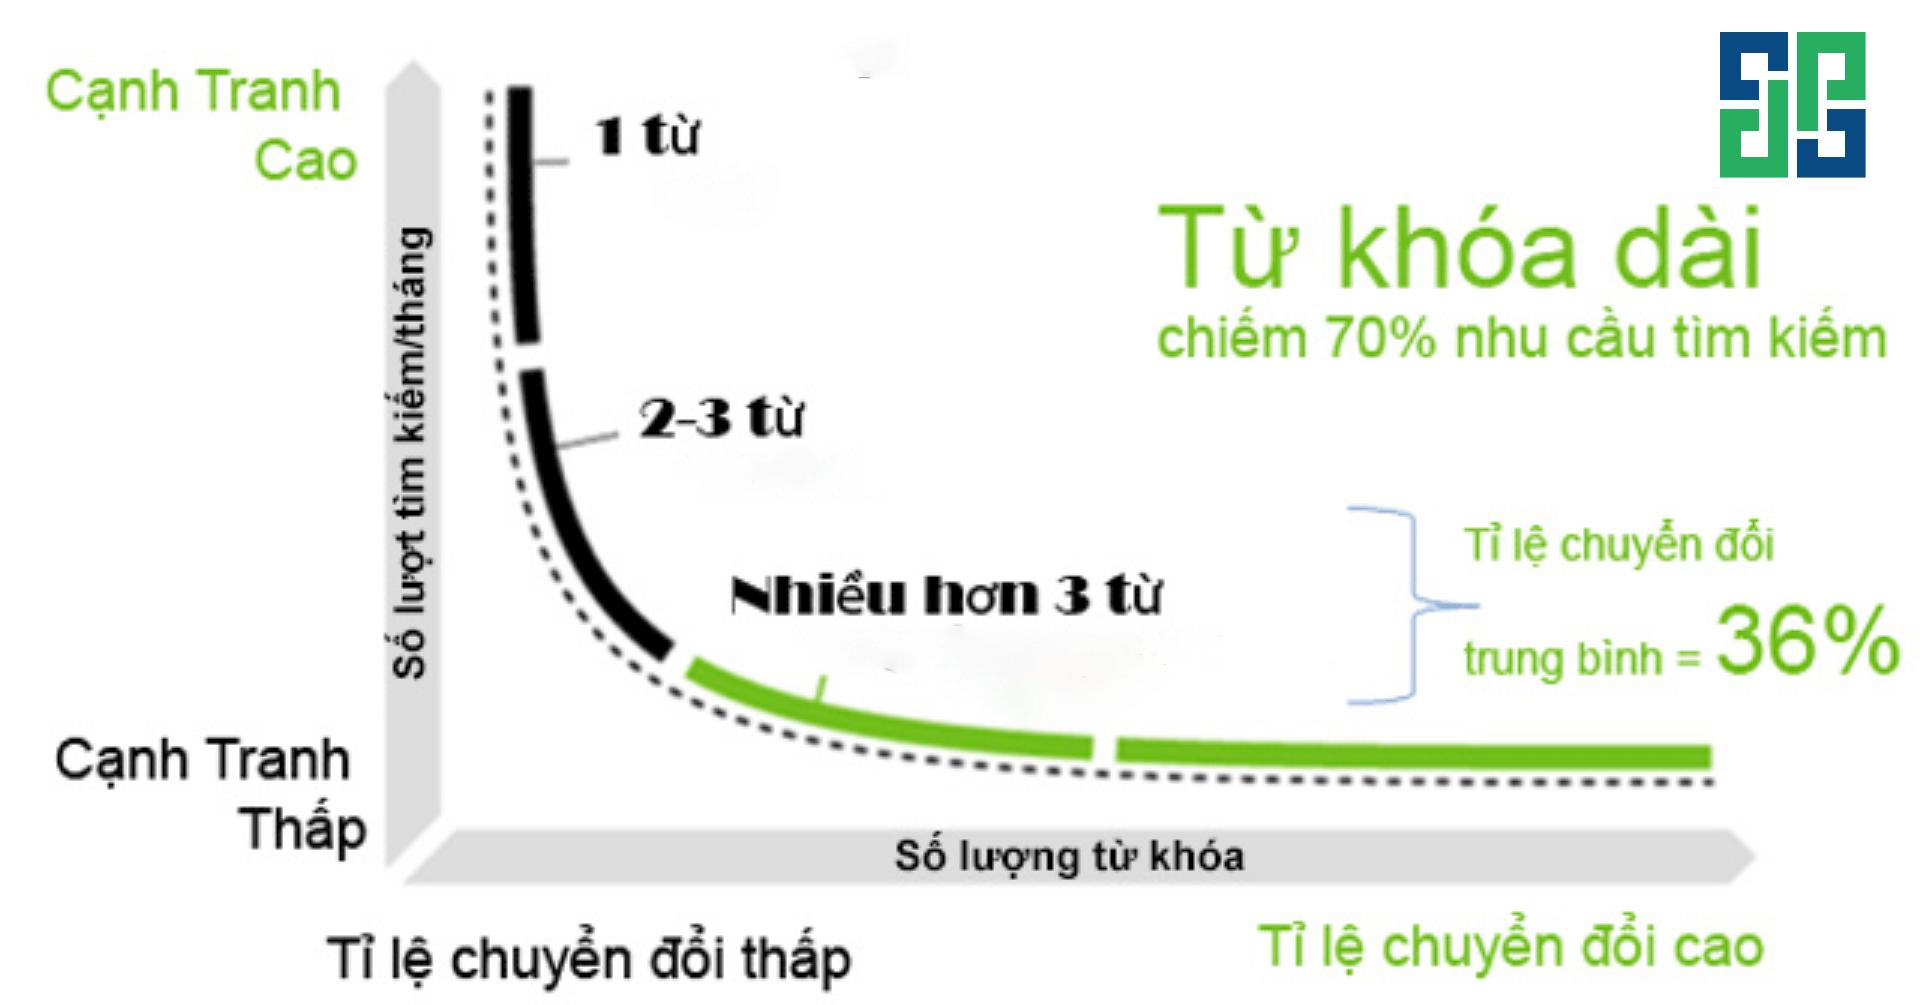 Từ khóa dài có tỉ lệ chuyển đổi cao hơn từ khóa ngắn